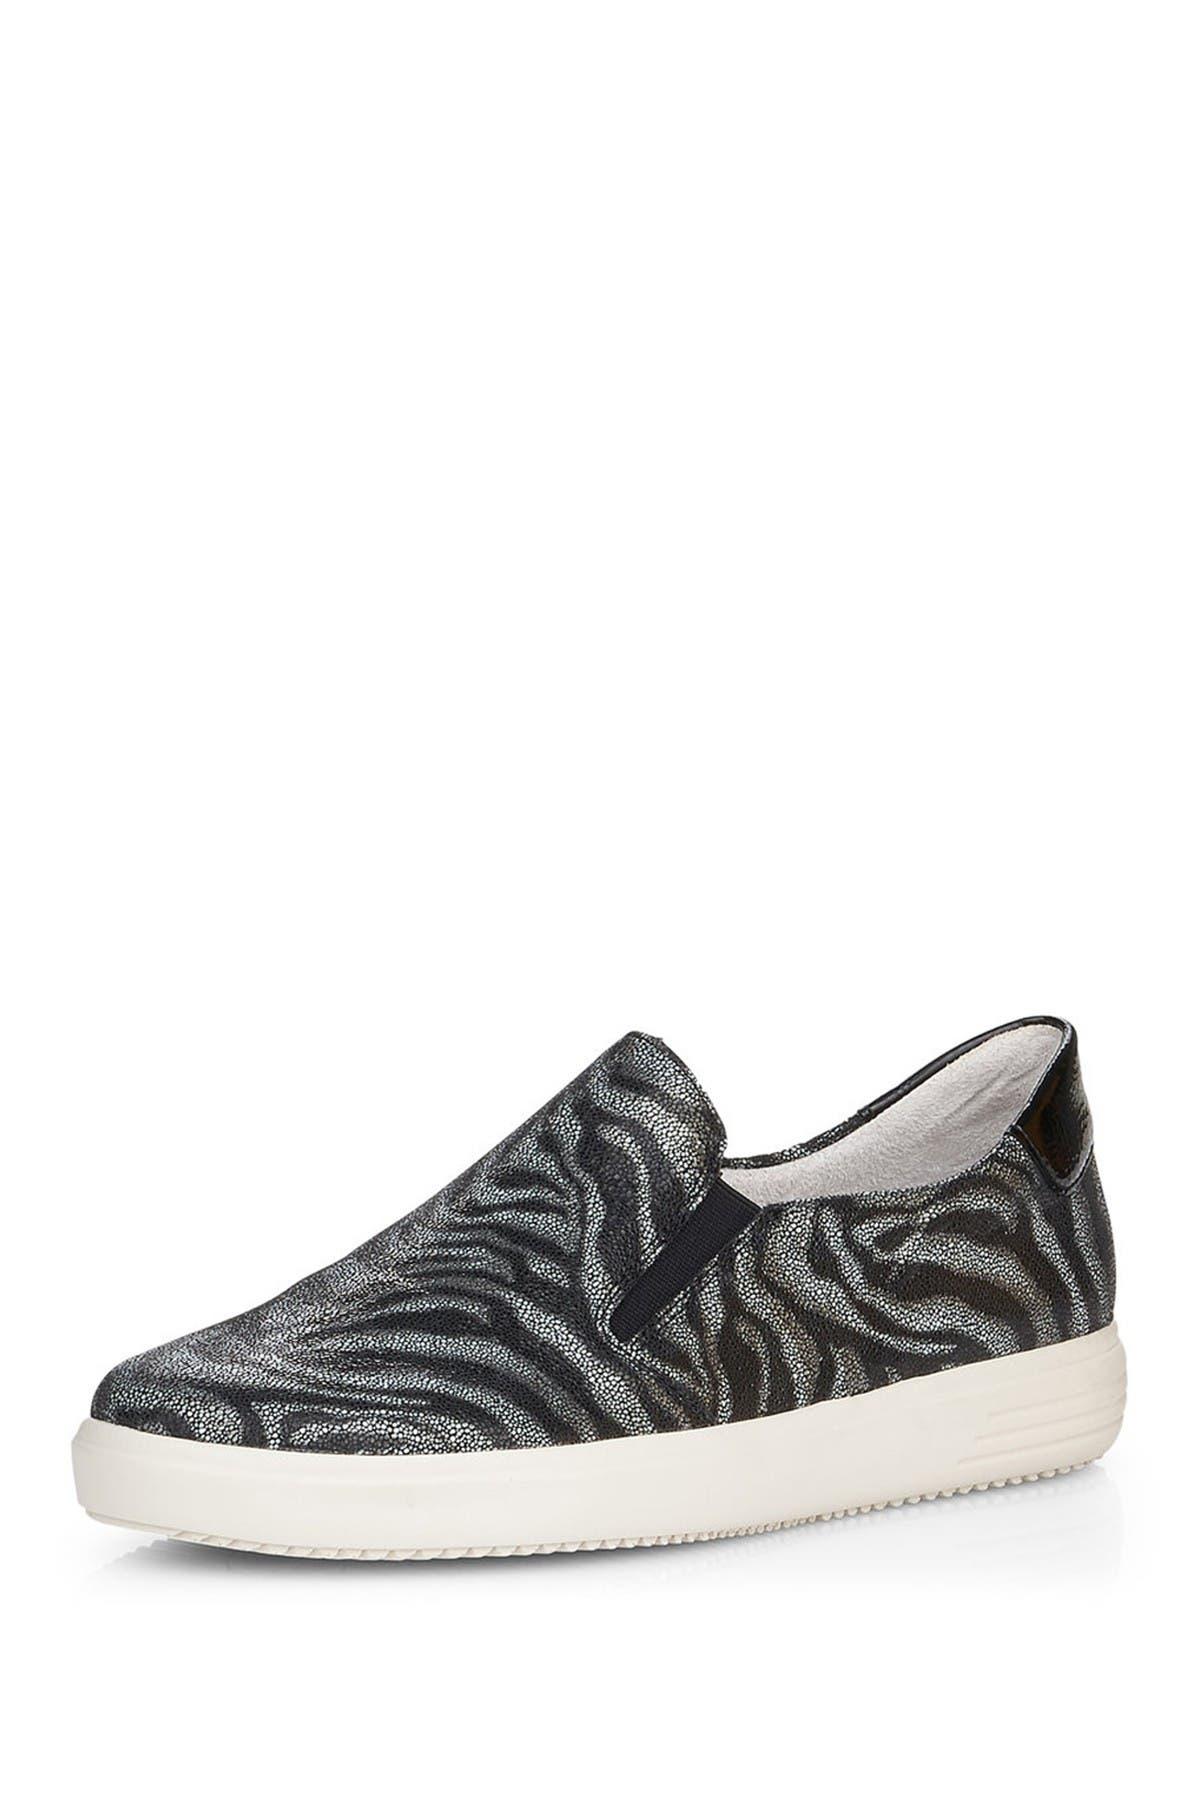 Image of Remonte Cecilia Slip-On Sneaker